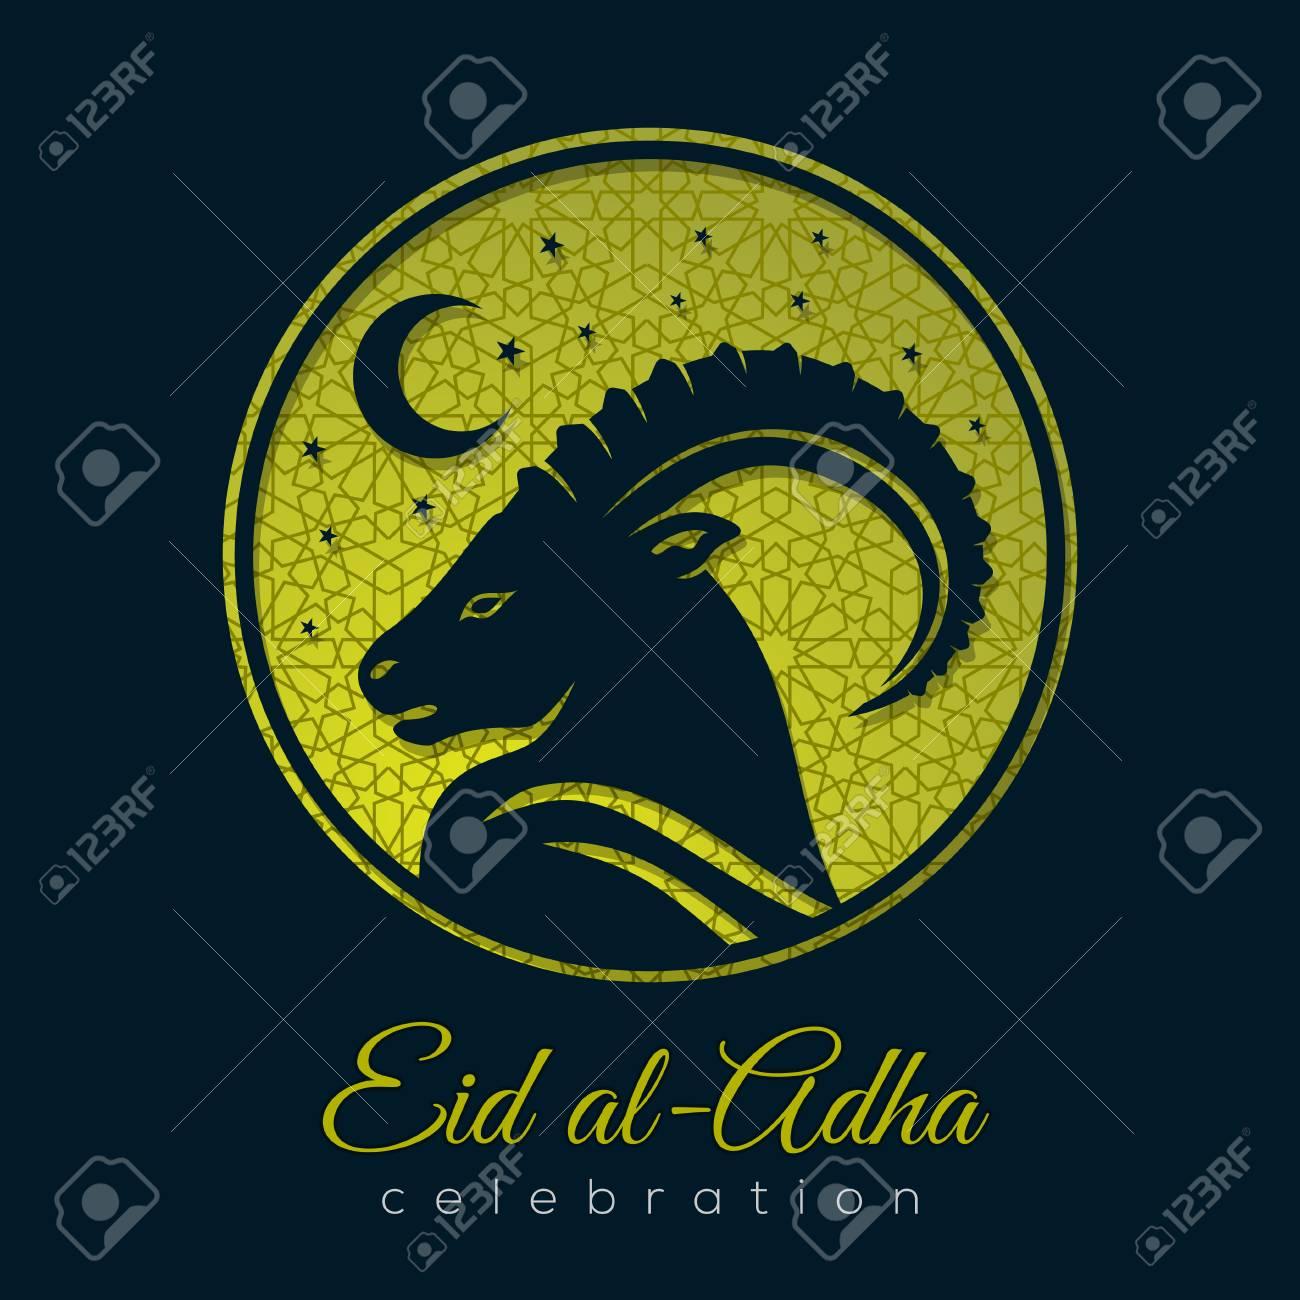 Muslim festival of sacrifice eid al adha greeting card with sheep muslim festival of sacrifice eid al adha greeting card with sheep stock vector m4hsunfo